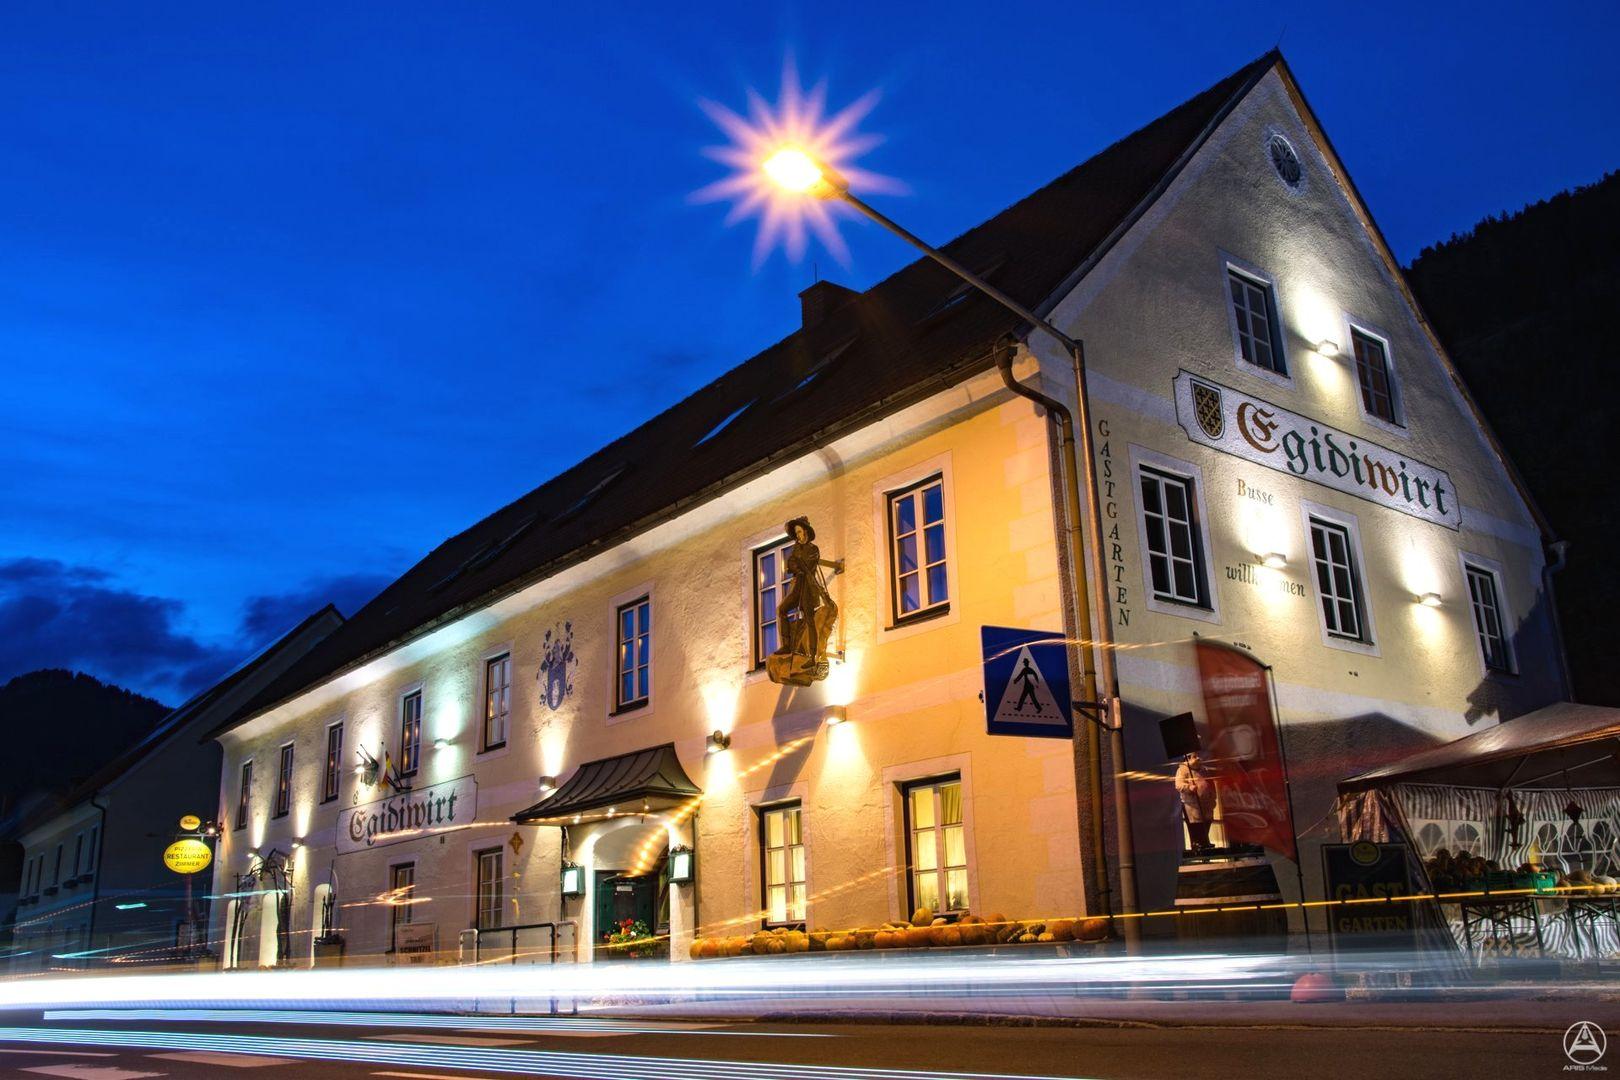 Meer info over Gasthof Egidiwirt  bij Wintertrex